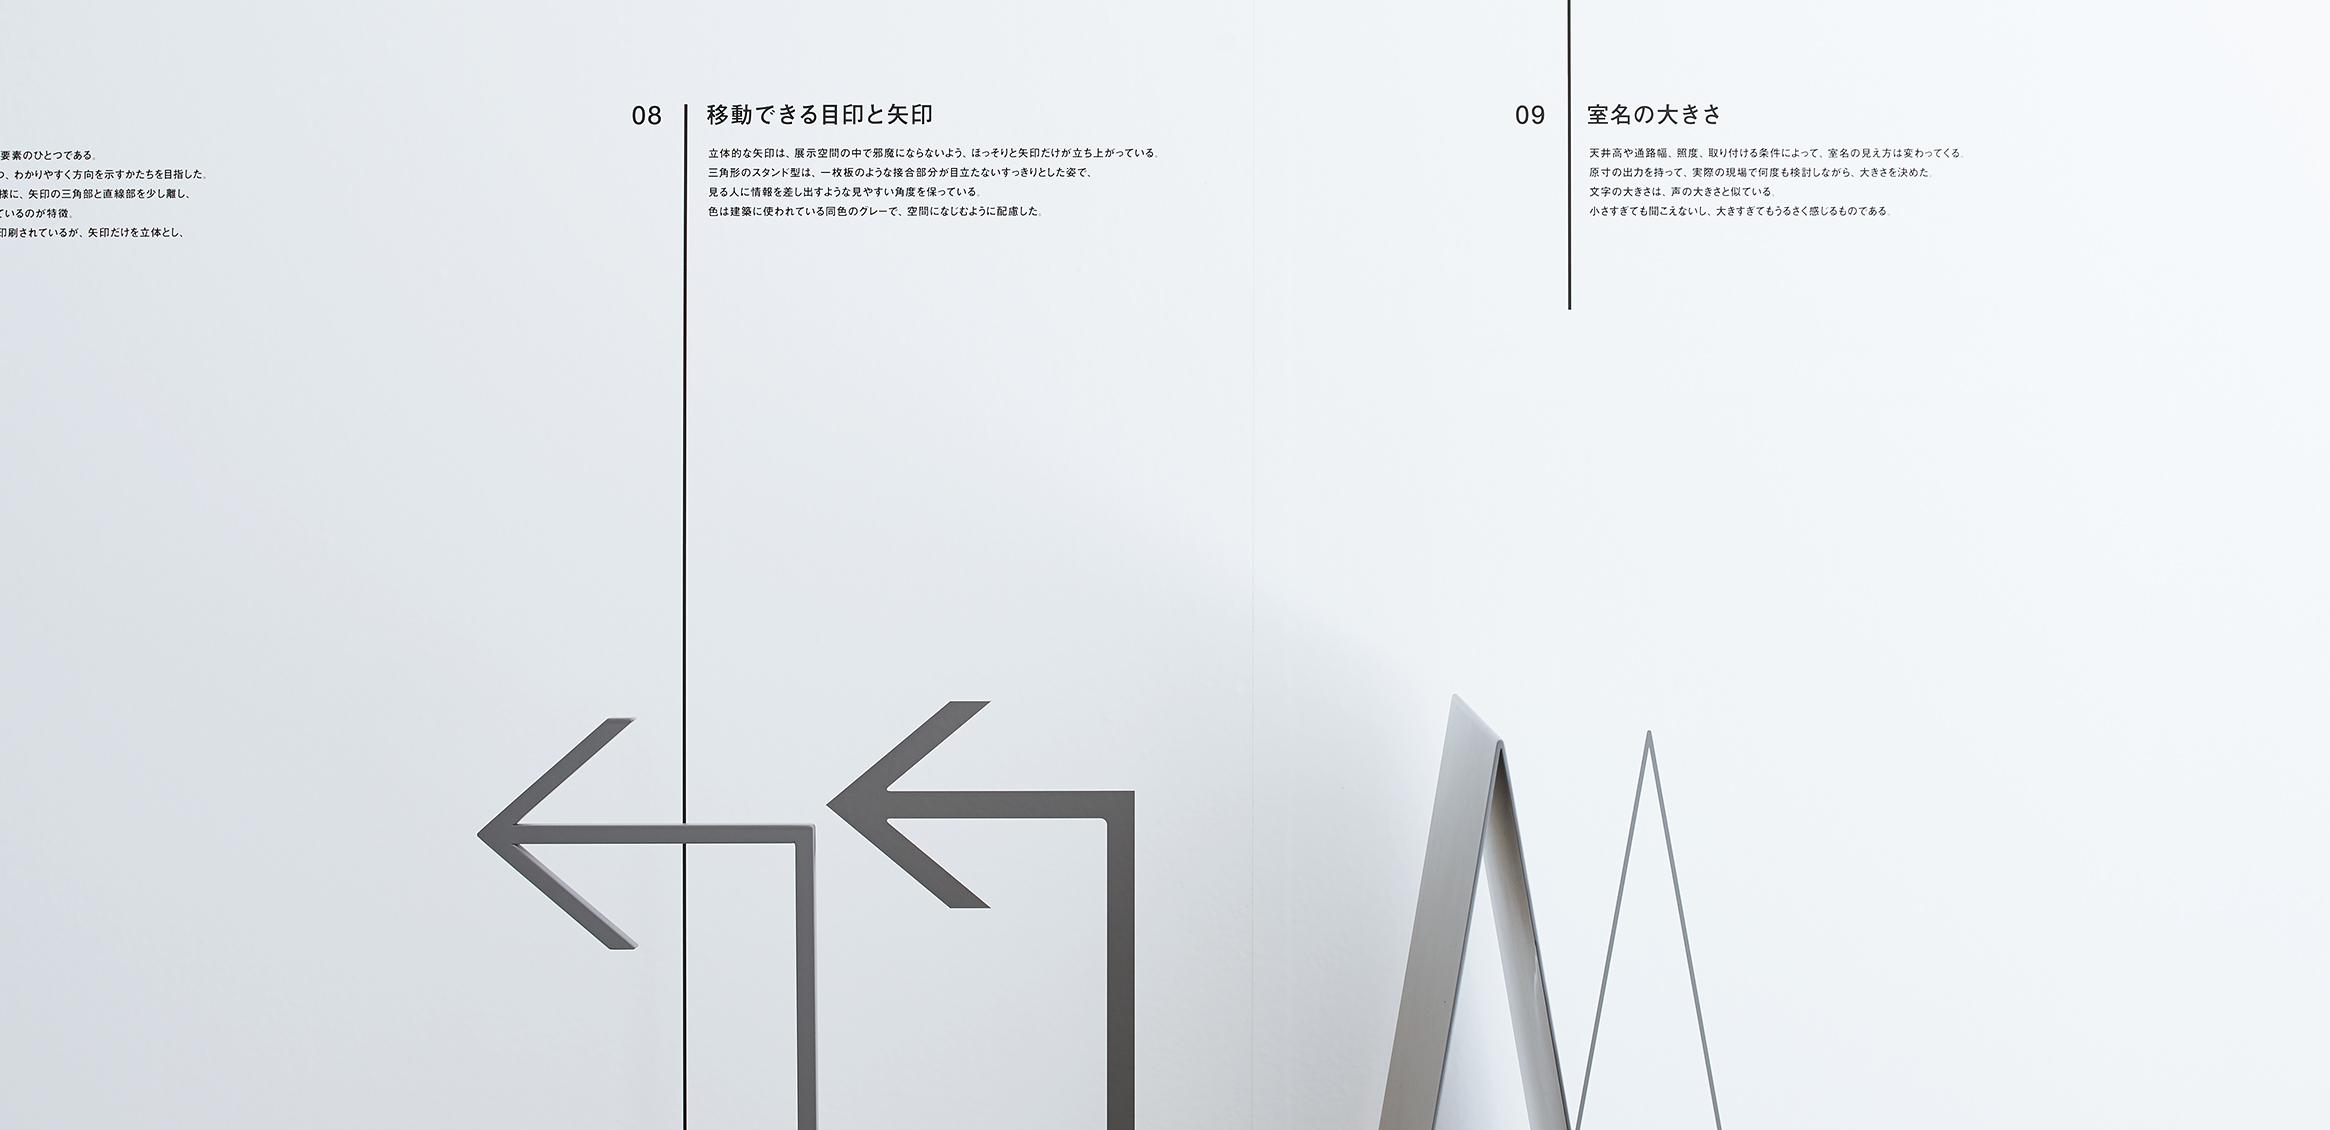 「富山県美術館の目印と矢印」展3枚目